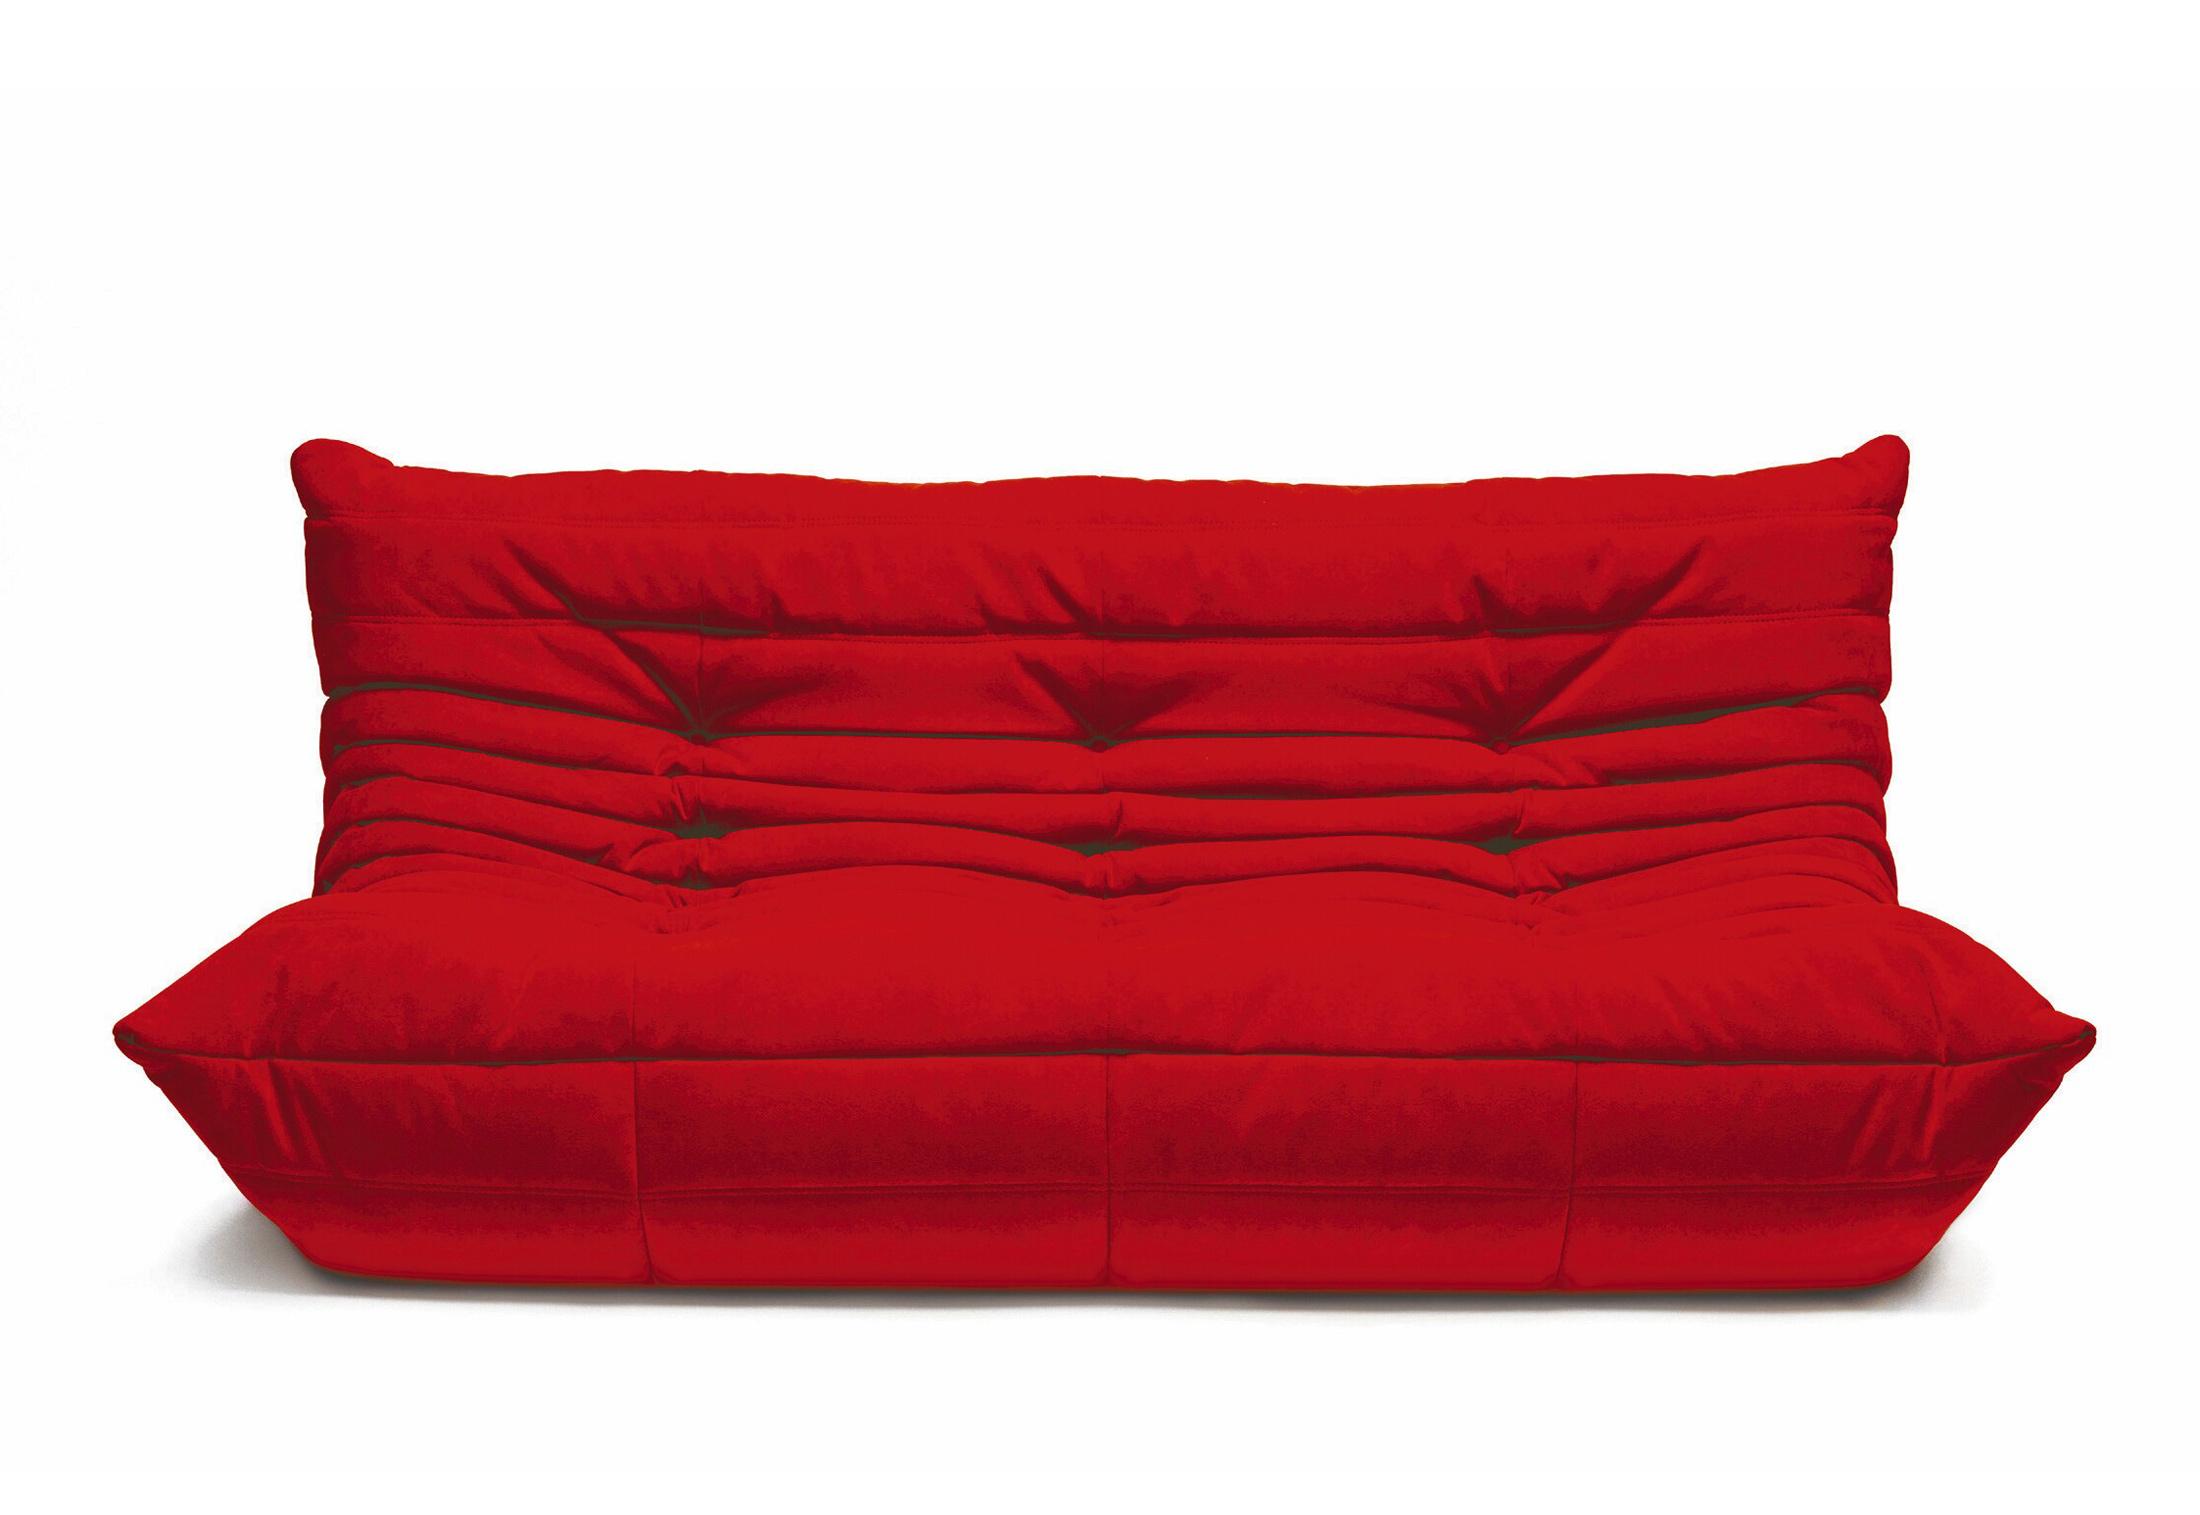 Full Size of Ligne Roset Togo Sofa Cost Fireside Chair Uk Mini 3 Seater By Stylepark Wohnzimmer Ligne Roset Togo